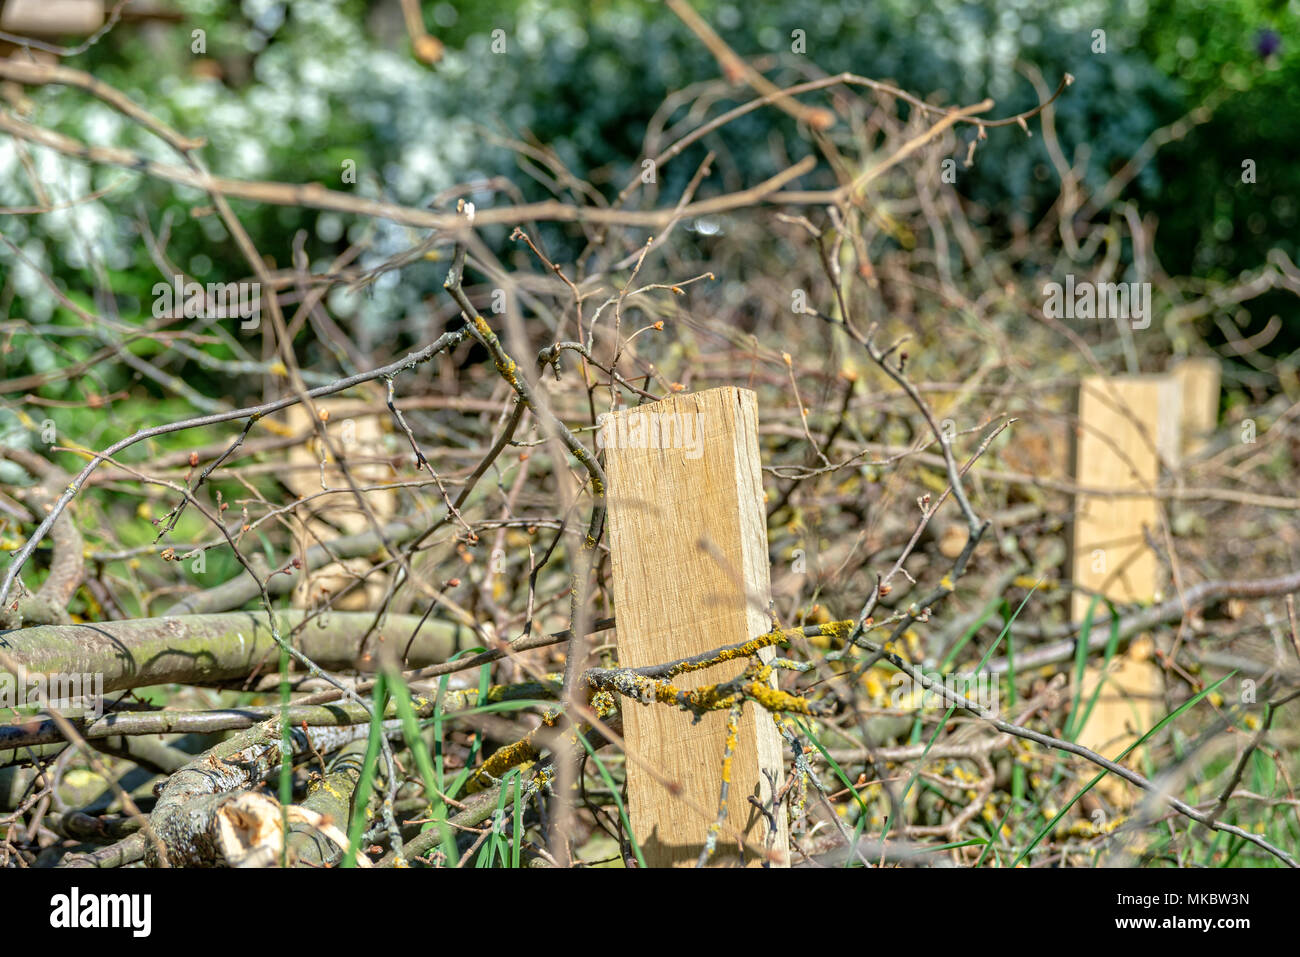 Ein Zaun Aus Holz Niederlassungen Stockfoto Bild 184043321 Alamy